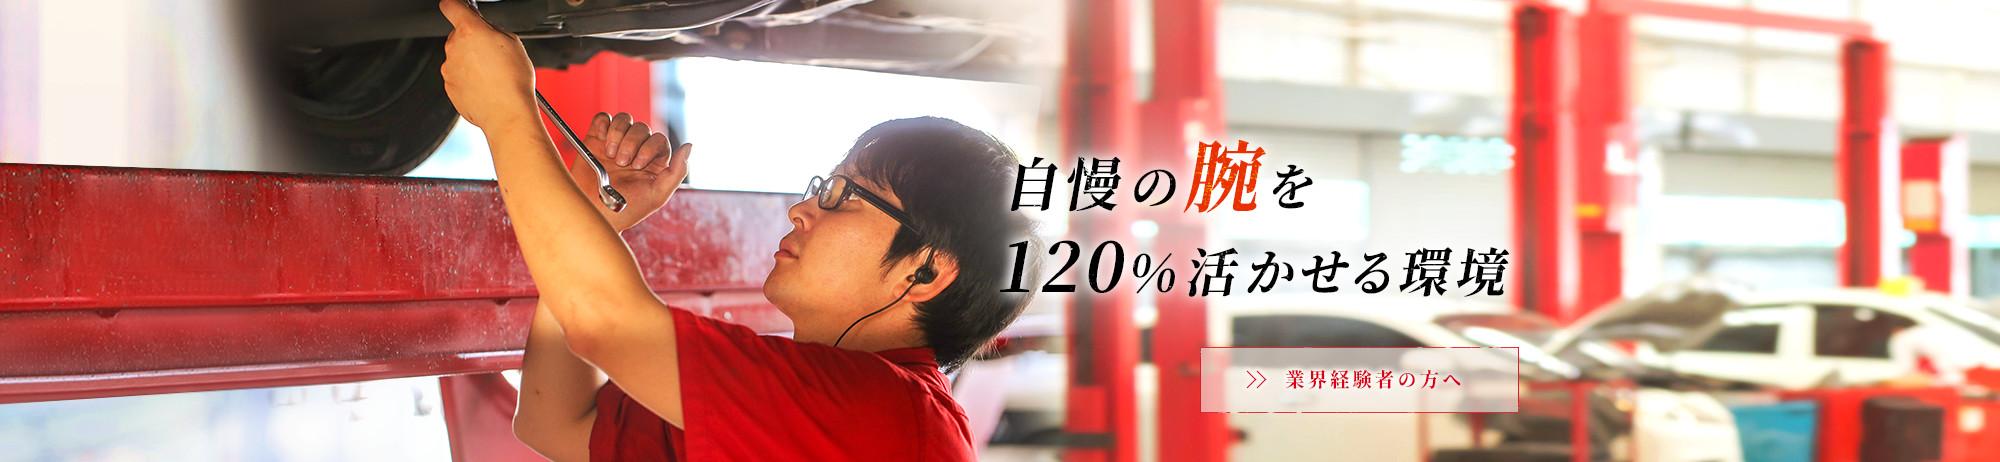 自慢の腕を120%活かせる環境。業界経験者の方へ。